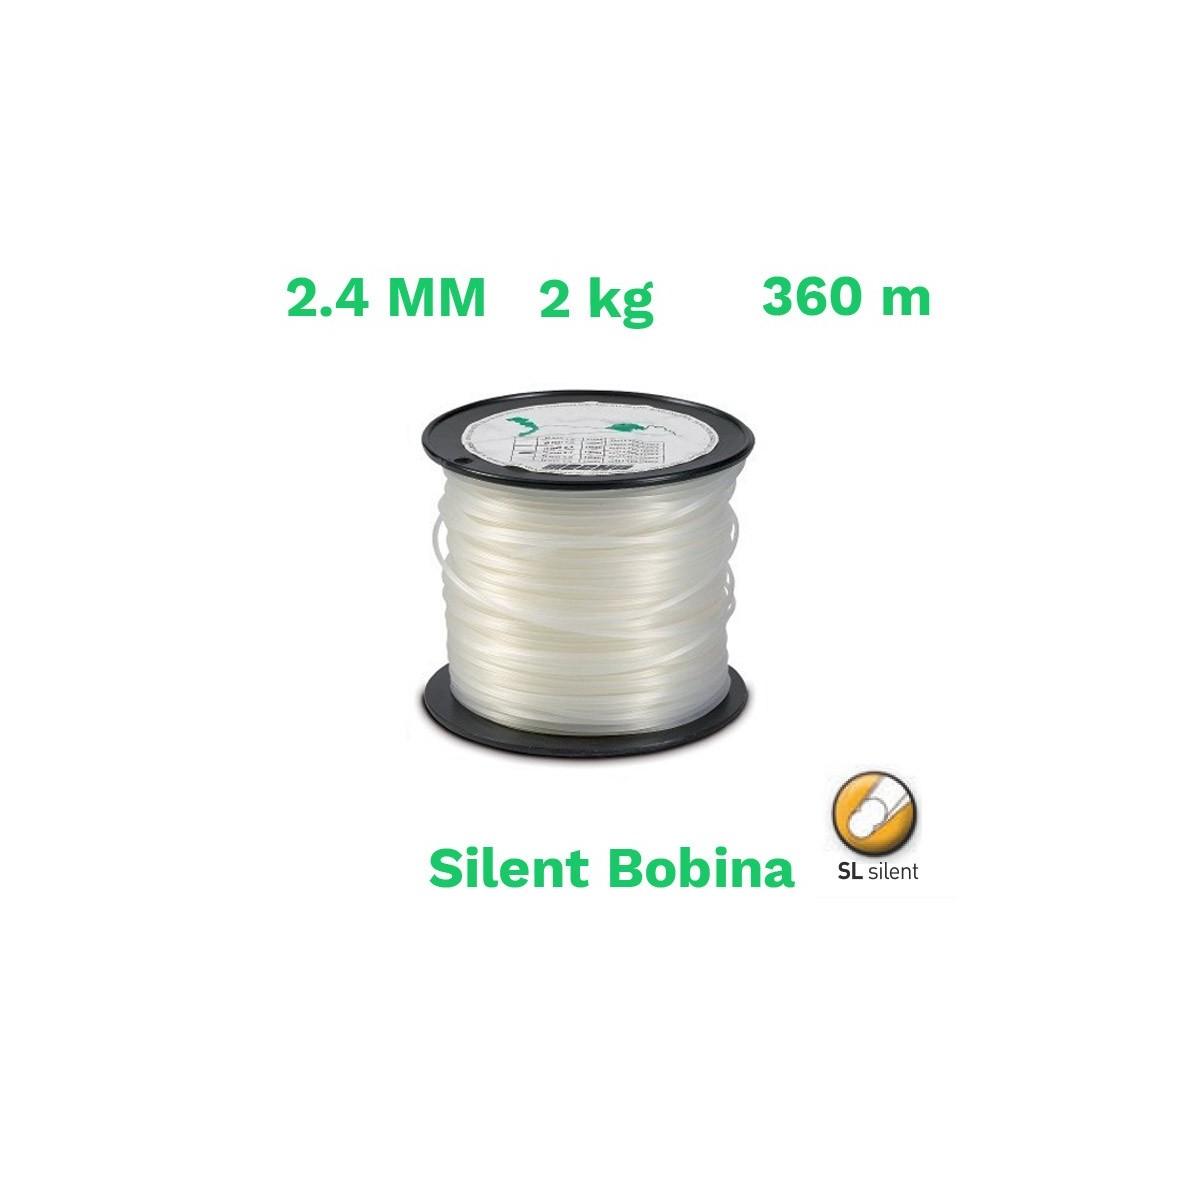 Echo hilo nylon silent bobina 2.4mm 2 kg 360 m